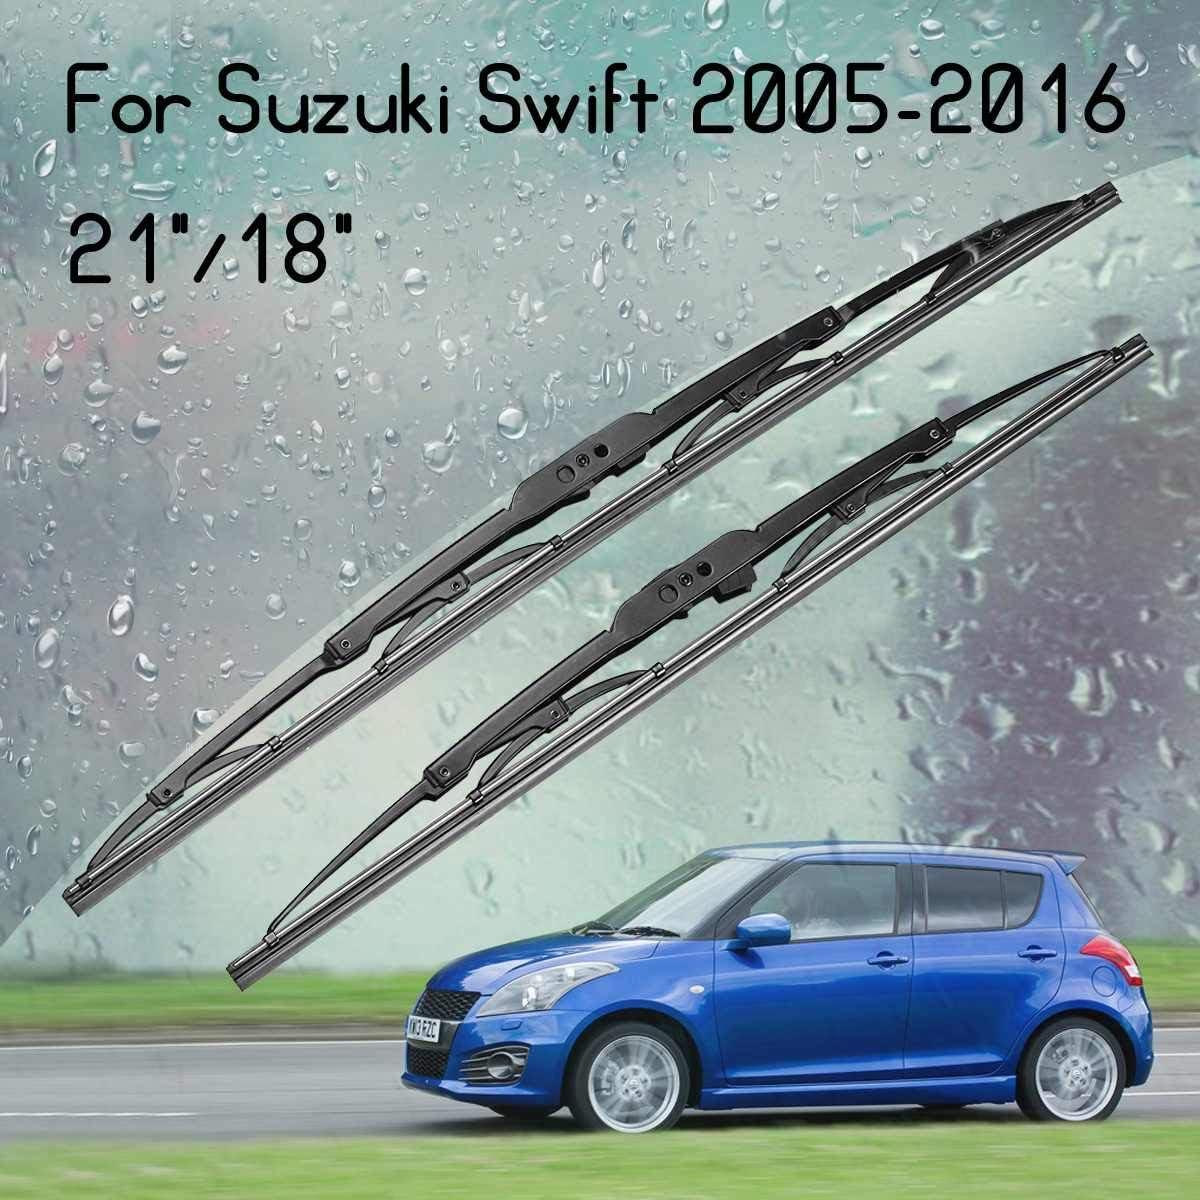 2 limpiaparabrisas delanteros estándar para Suzuki Swift 2005-2016 ...